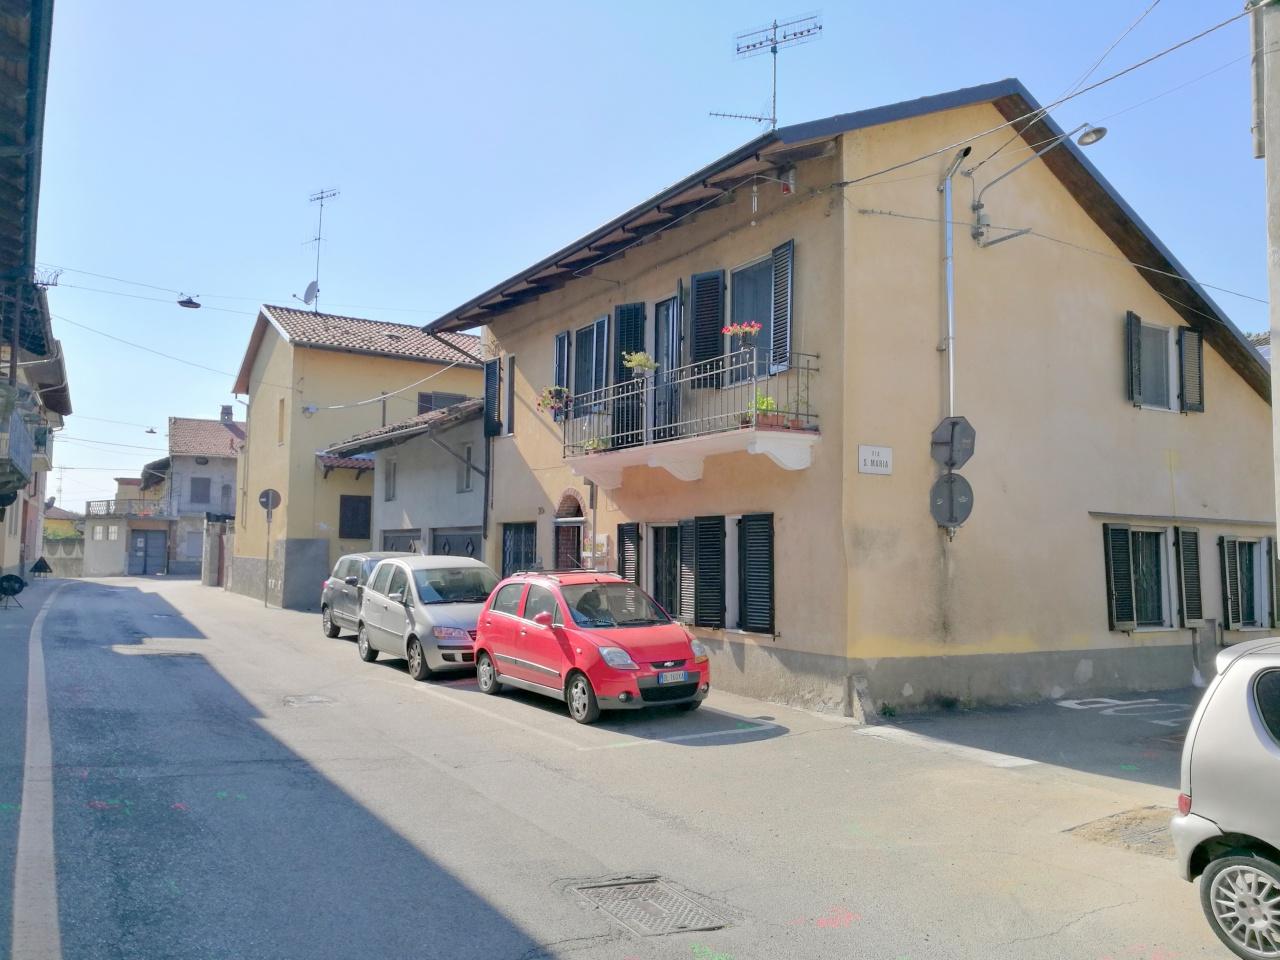 Casa indipendente in vendita a Saluggia (VC)